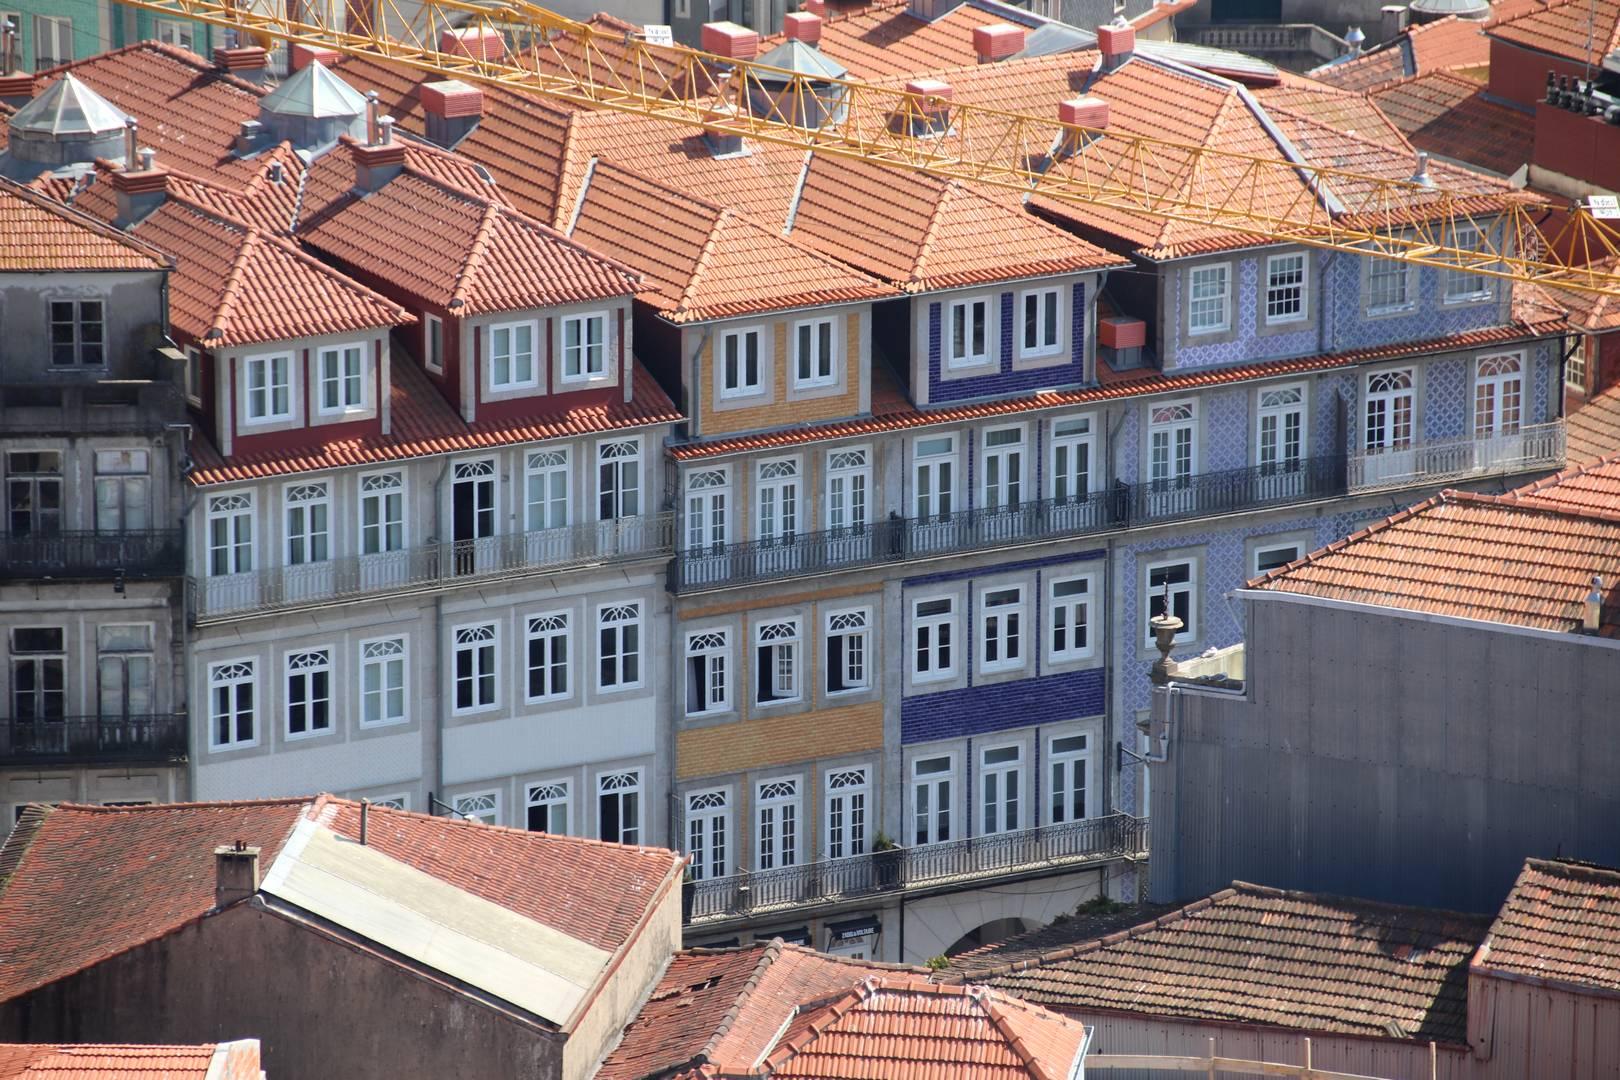 Portugal - Maisons colorées à Porto